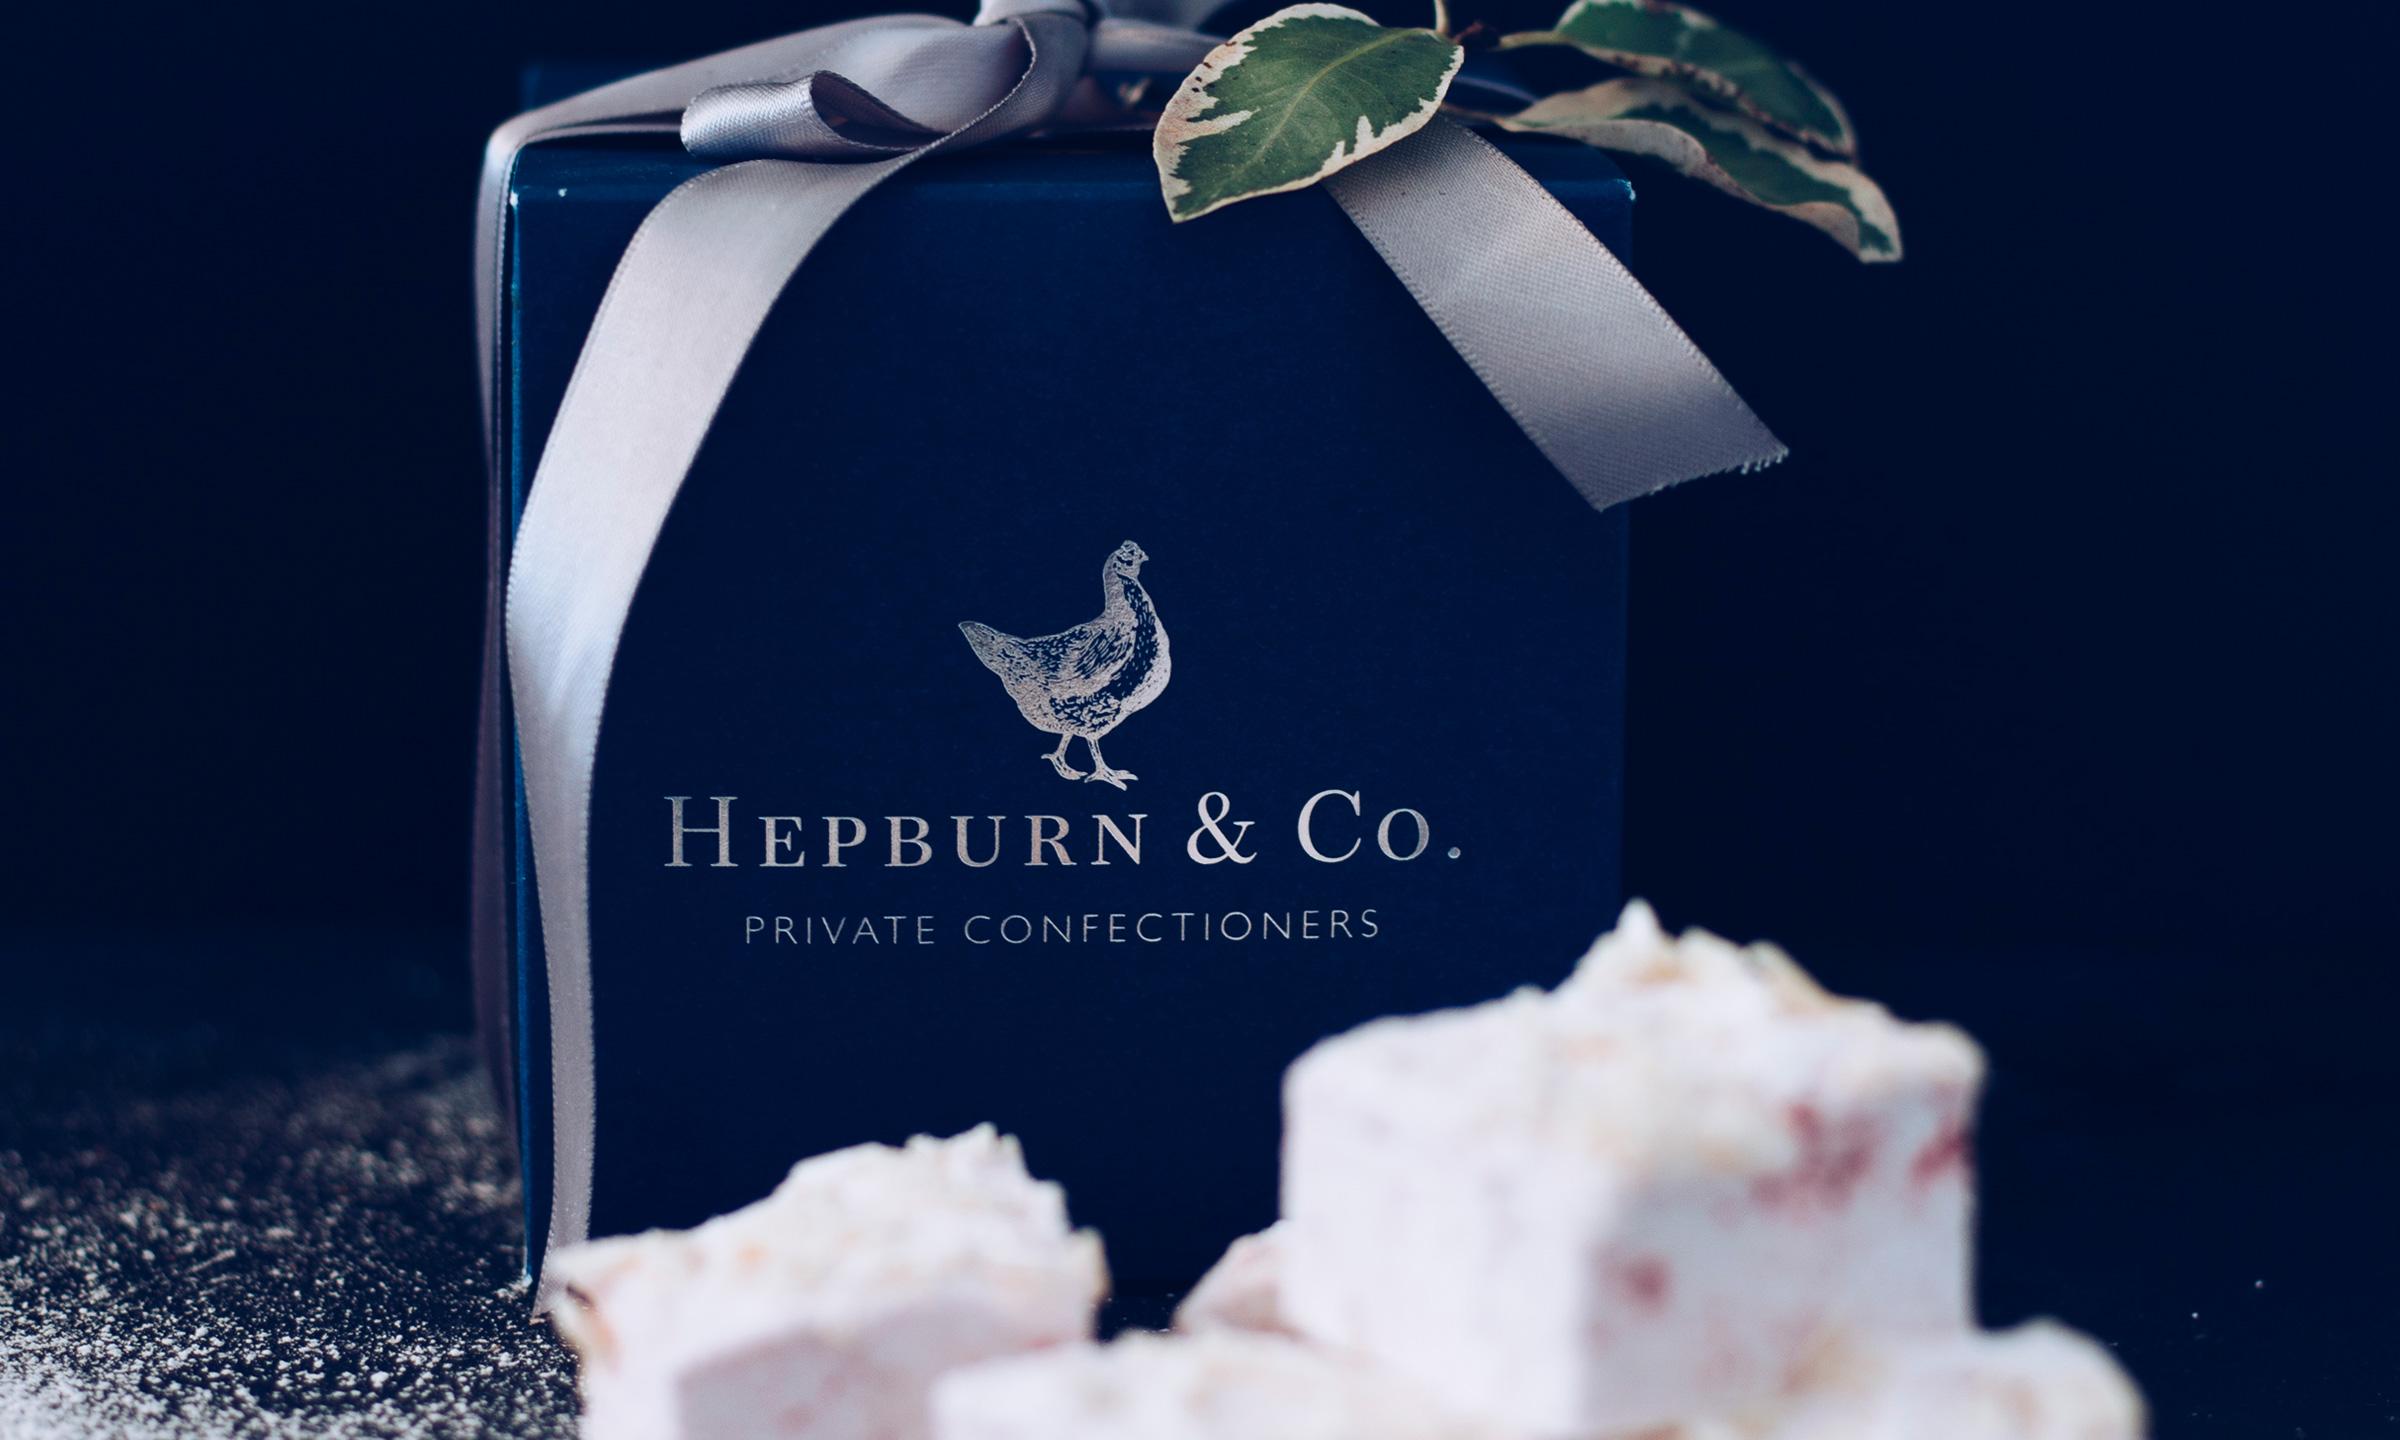 HepCo_packaging_design_7